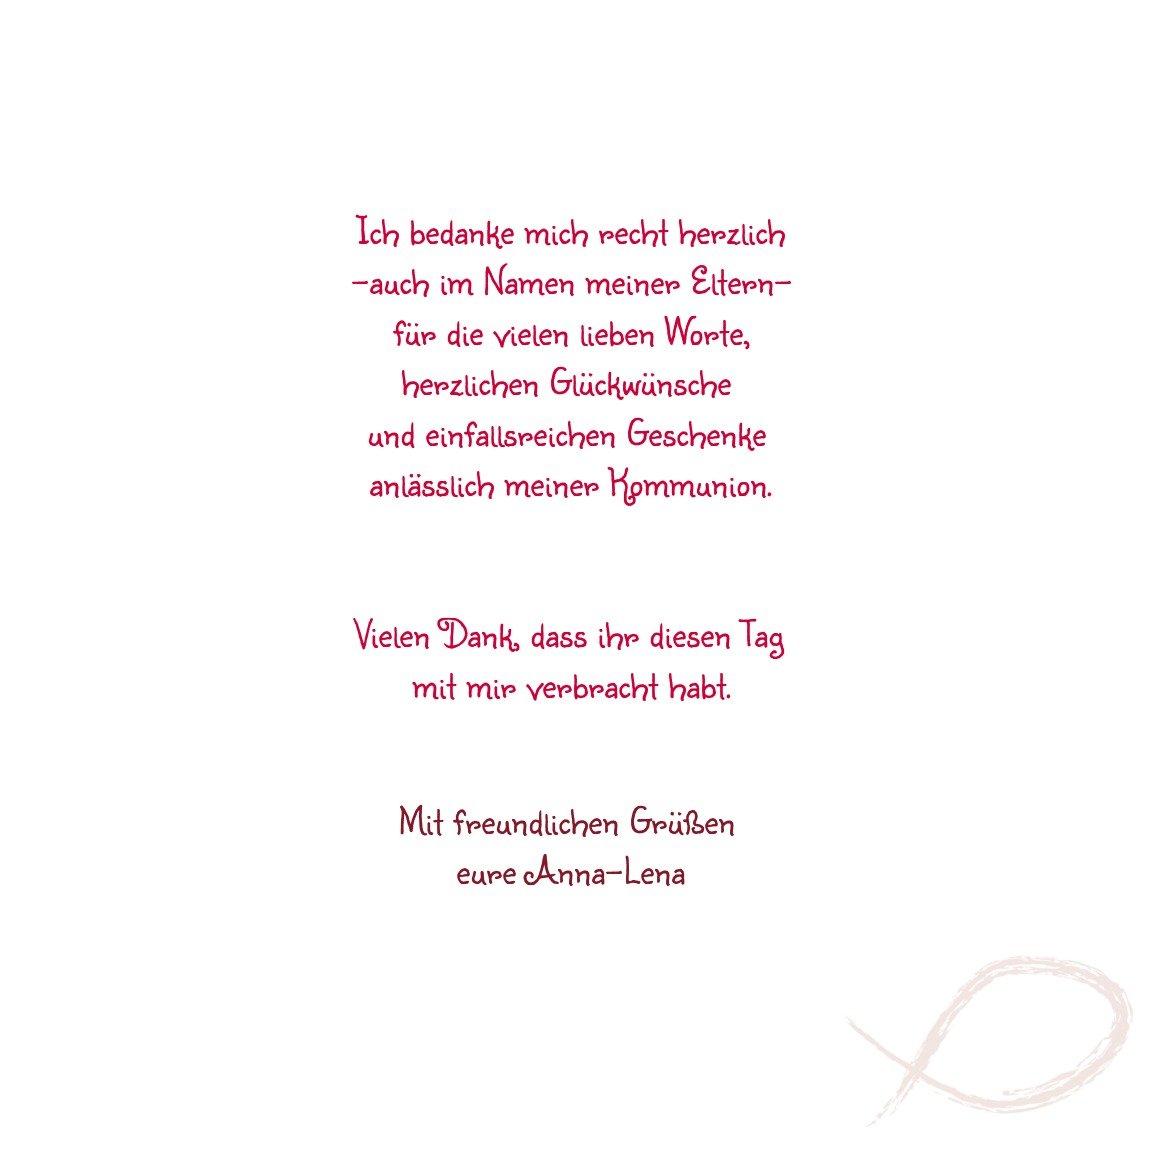 Kartenparadies Dankeskarte Kommunionswünsche Kommunion Dankeskarte Fische, hochwertige Danksagung für Kommunionsfeier Kommunionsfeier Kommunionsfeier inklusive Umschläge   20 Karten - (Format  145x145 mm) Farbe  Liladunkel B01N28AIOS | Lebhaft  | Günstige  | Verschieden 553ea2